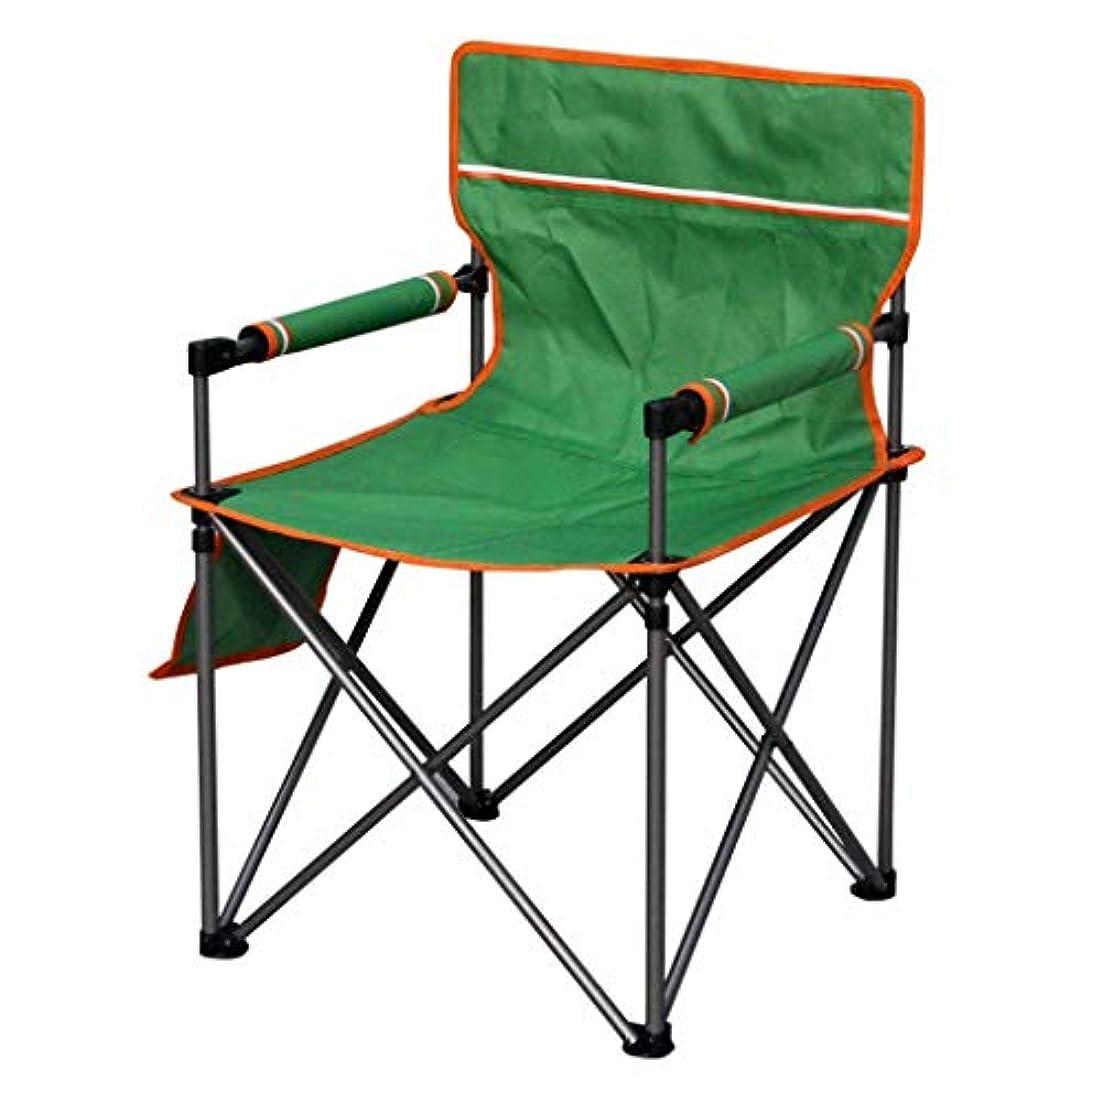 教え飲み込むクラシックNEVY キャンプチェア 軽量 アウトドア 折りたたみ ポータブル 小さい スツール ビーチ用 釣り 祭り 、緑